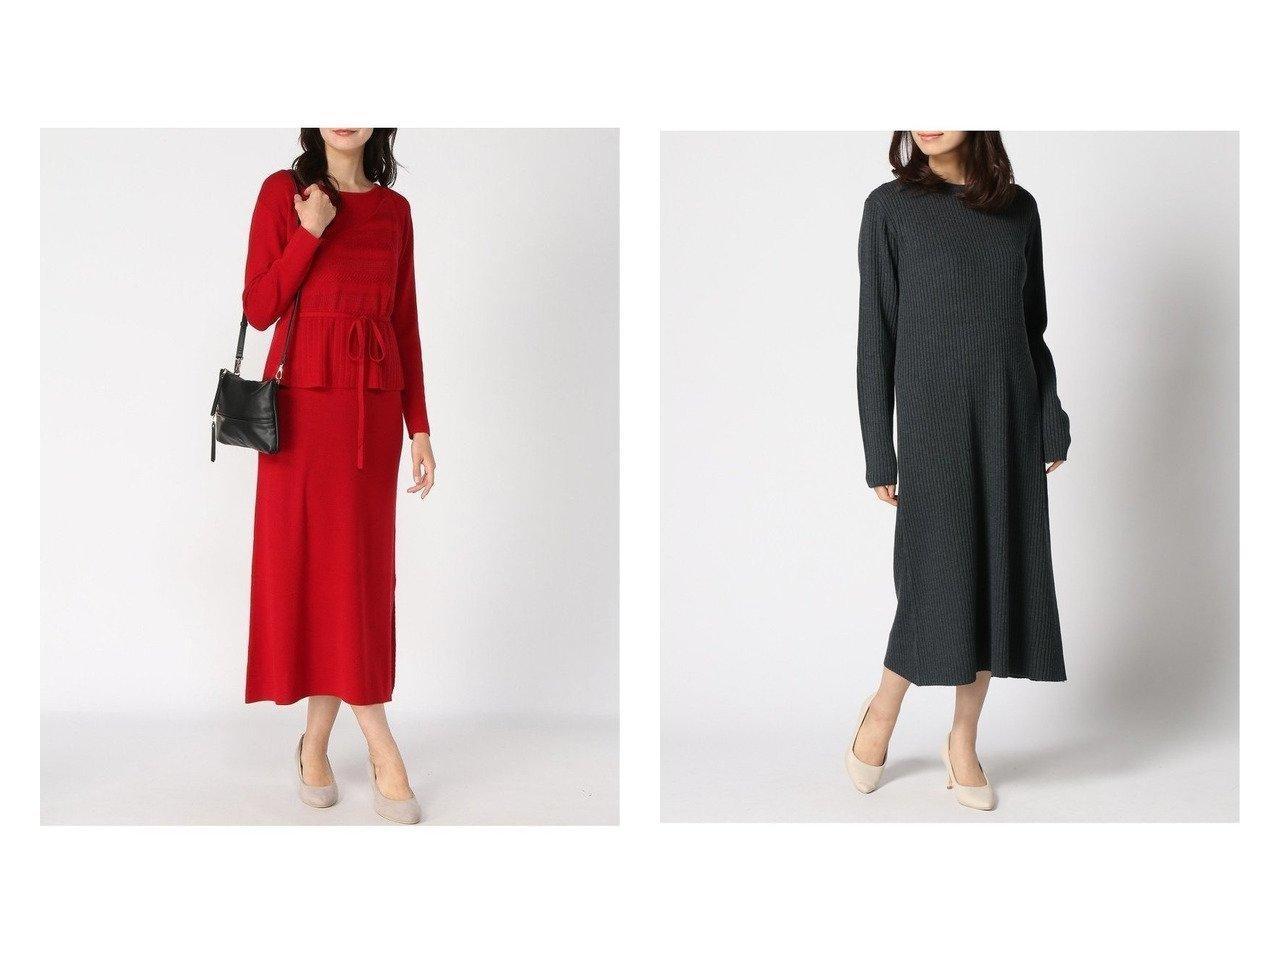 【Plage/プラージュ】のminimal rib KN ワンピース&【NOBLE / Spick & Span/ノーブル / スピック&スパン】のワンショルレイヤードニットワンピース ワンピース・ドレスのおすすめ!人気、トレンド・レディースファッションの通販  おすすめで人気の流行・トレンド、ファッションの通販商品 メンズファッション・キッズファッション・インテリア・家具・レディースファッション・服の通販 founy(ファニー) https://founy.com/ ファッション Fashion レディースファッション WOMEN ワンピース Dress ニットワンピース Knit Dresses キャミソール ショルダー ドット ボーダー 冬 Winter A/W 秋冬 AW Autumn/Winter / FW Fall-Winter 2020年 2020 2020-2021 秋冬 A/W AW Autumn/Winter / FW Fall-Winter 2020-2021 |ID:crp329100000010181